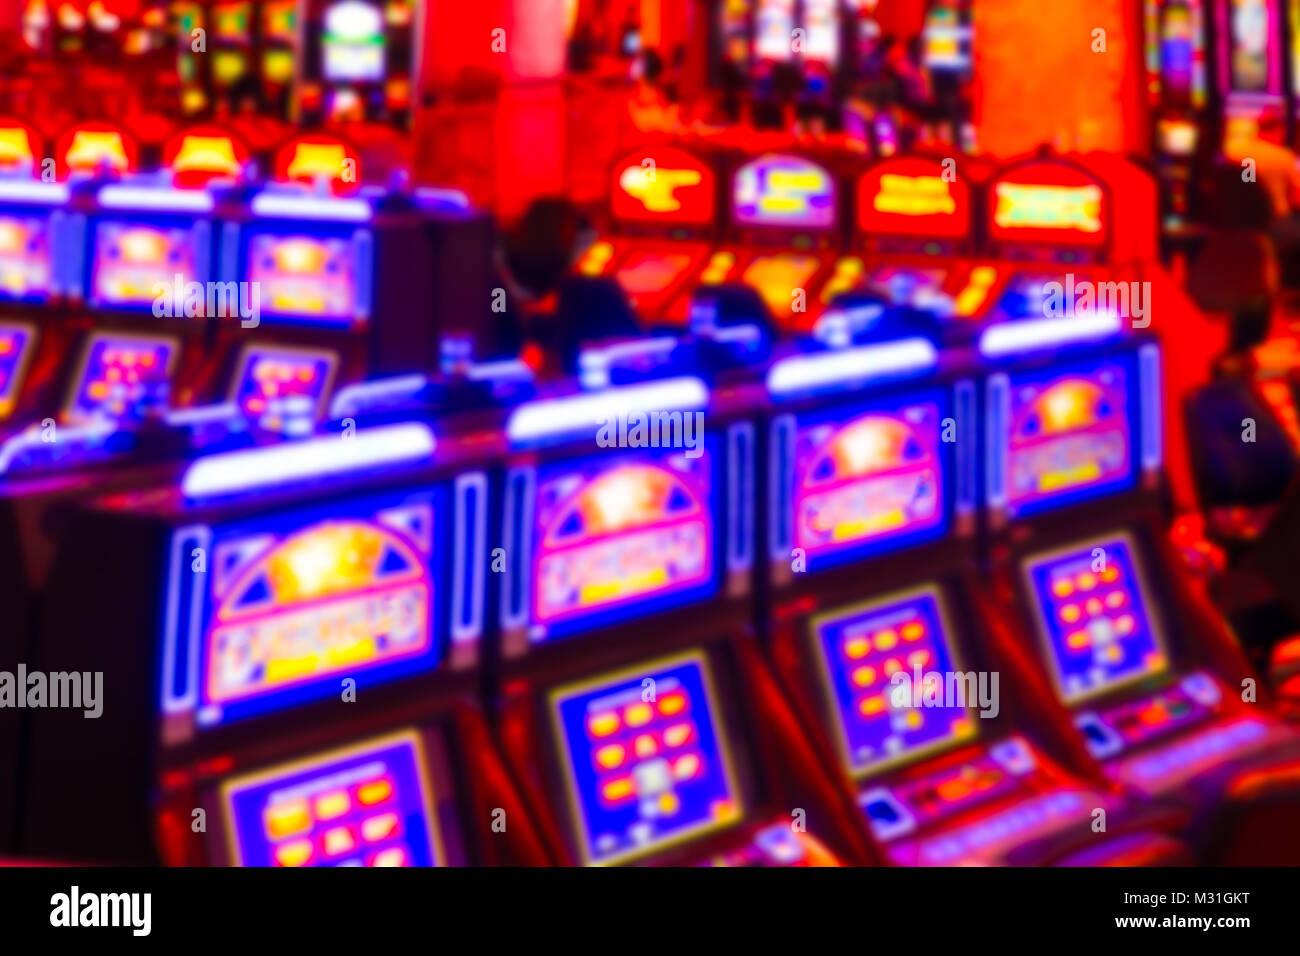 Defocused blur of gambling slot machines in casino - Stock Image